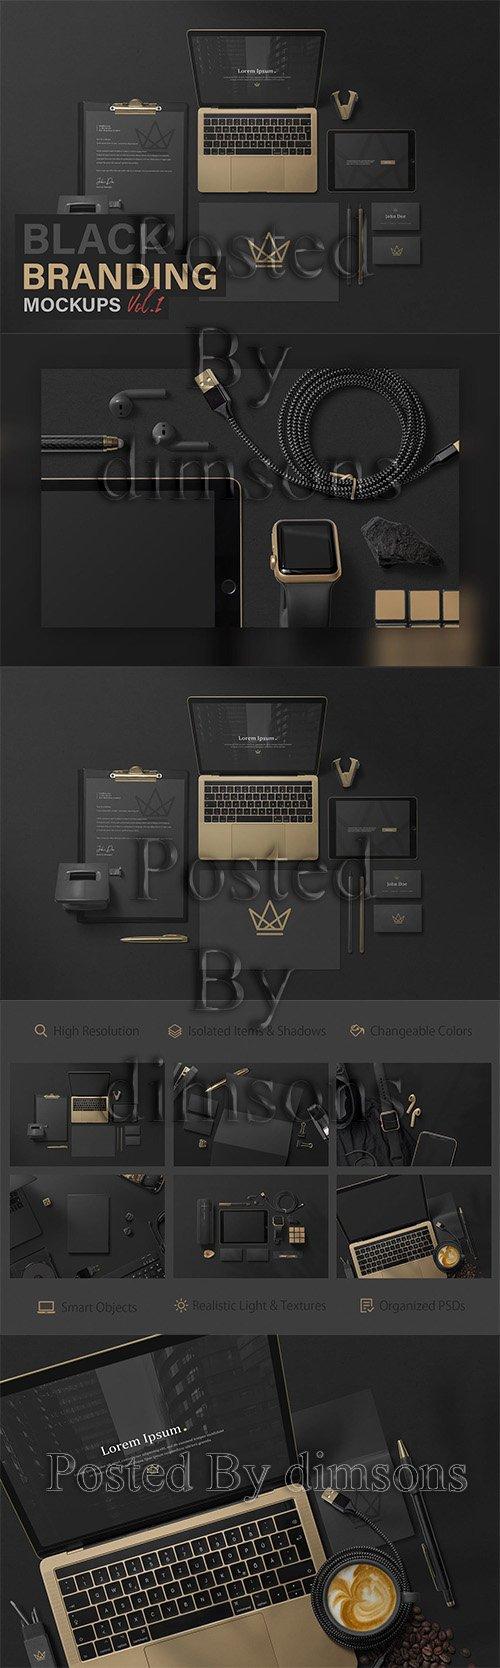 Black Branding Mockups Vol.1 PSD